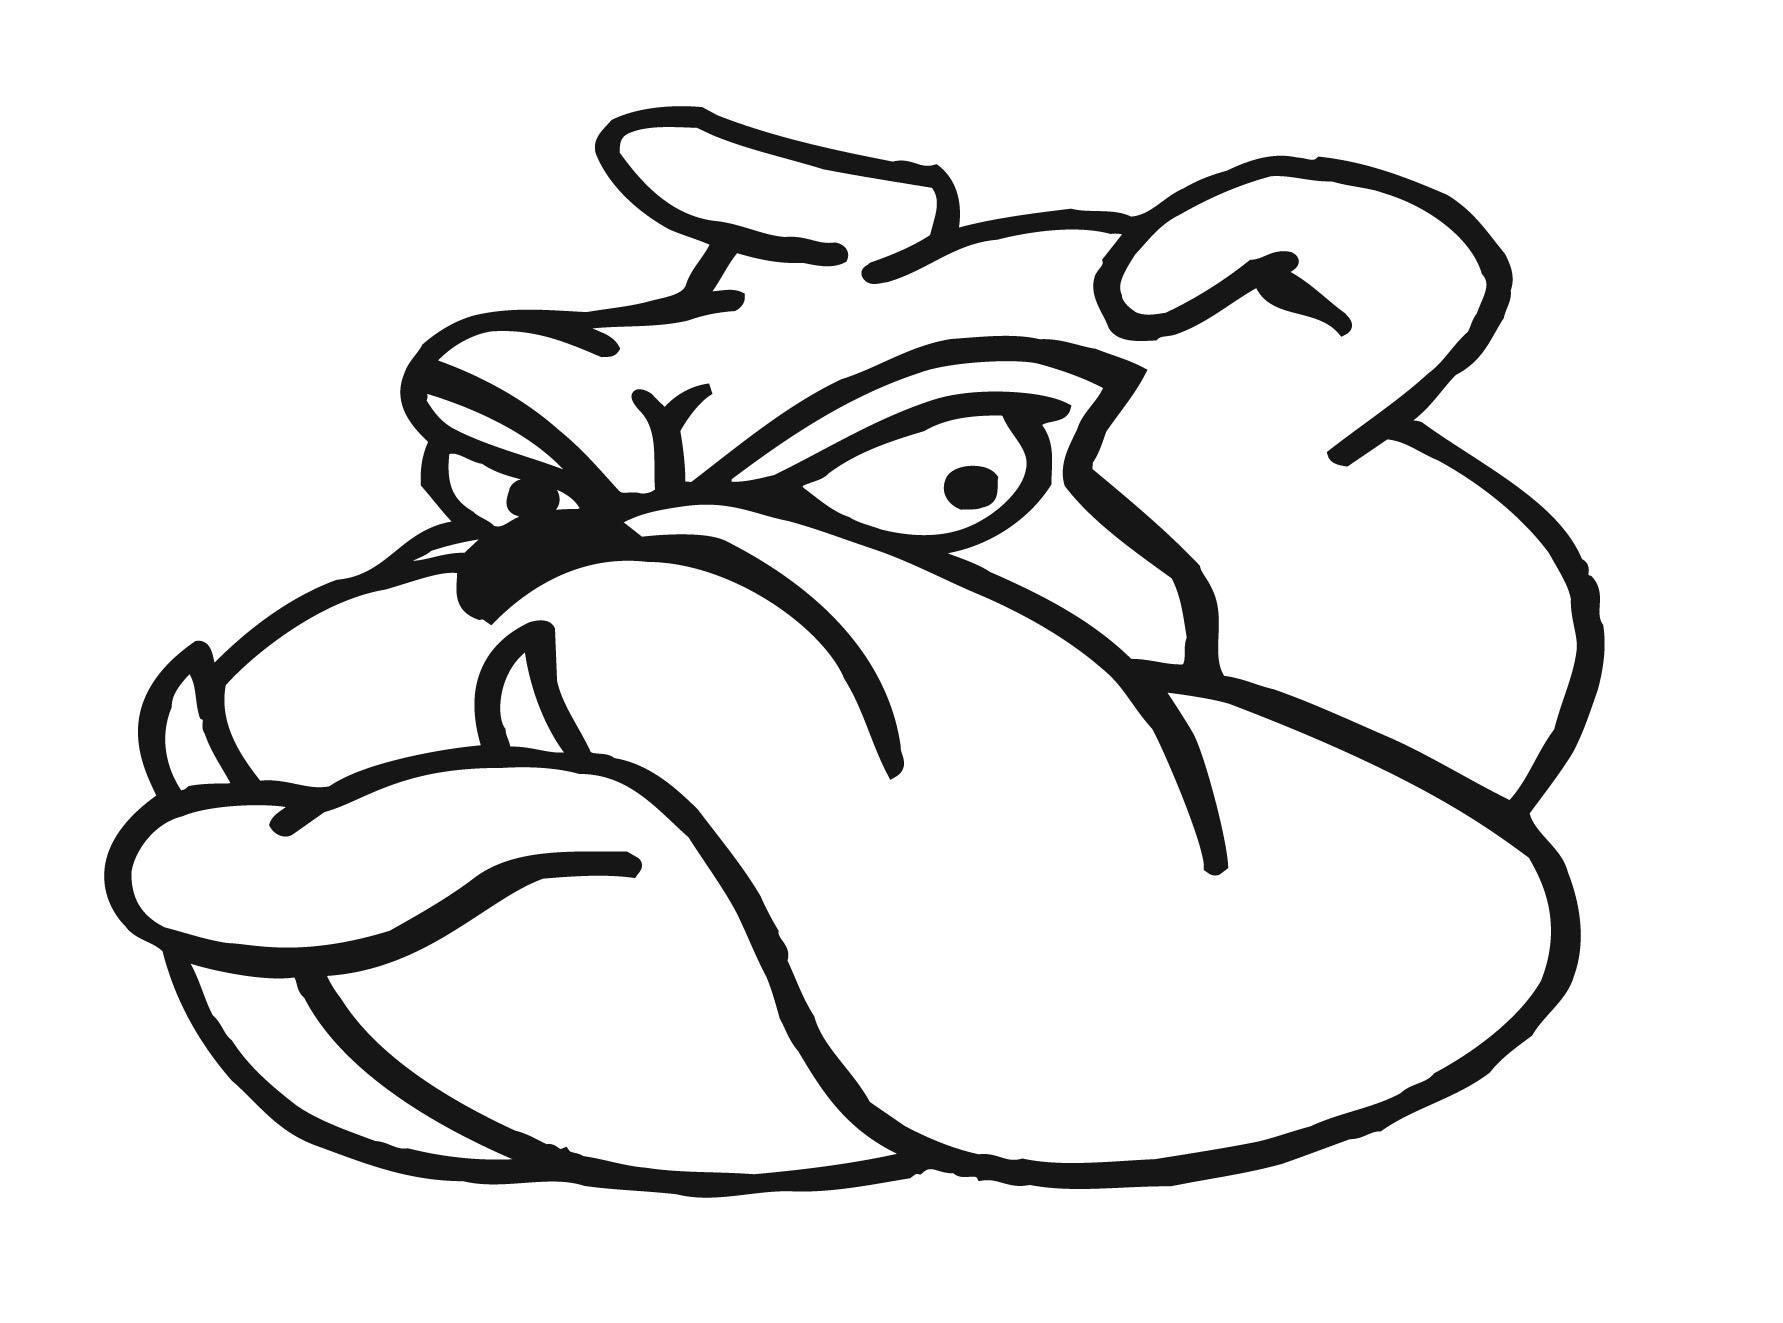 Bulldog Outline Clip Art